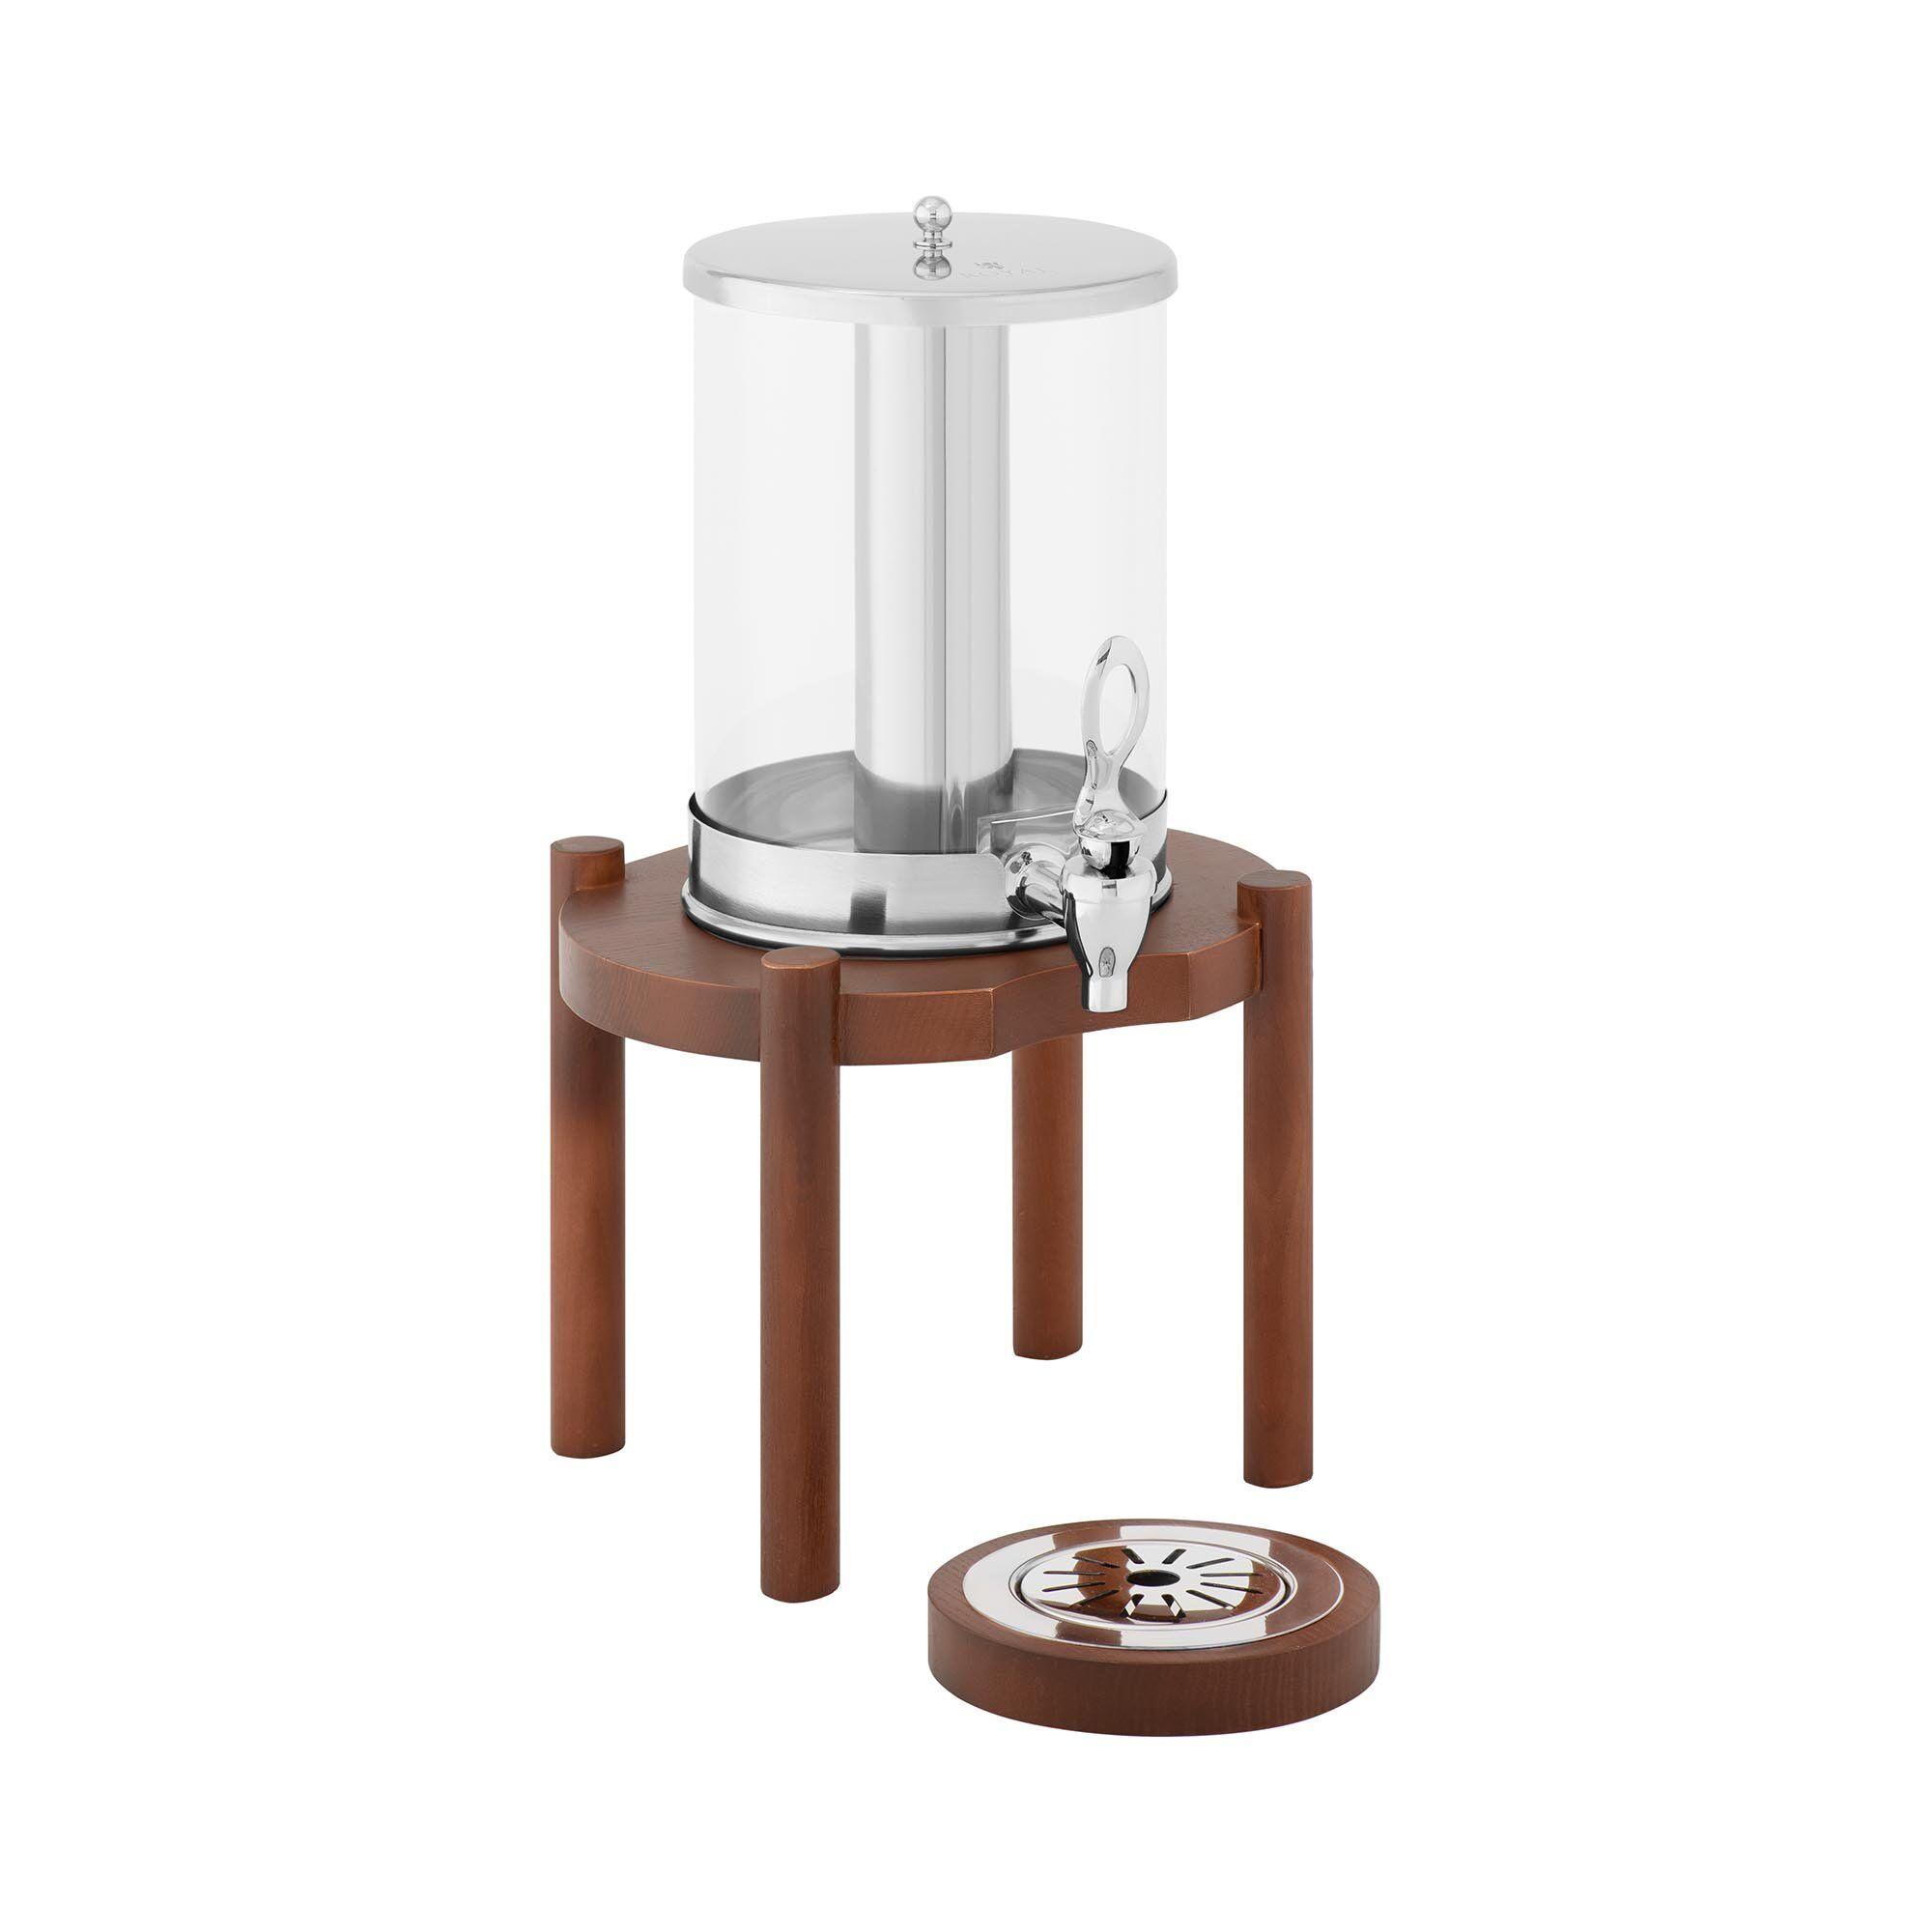 Royal Catering Distributeur de boissons - 7 l - Dispositif de refroidissement - Cadre en bois foncé RCSD-1W3